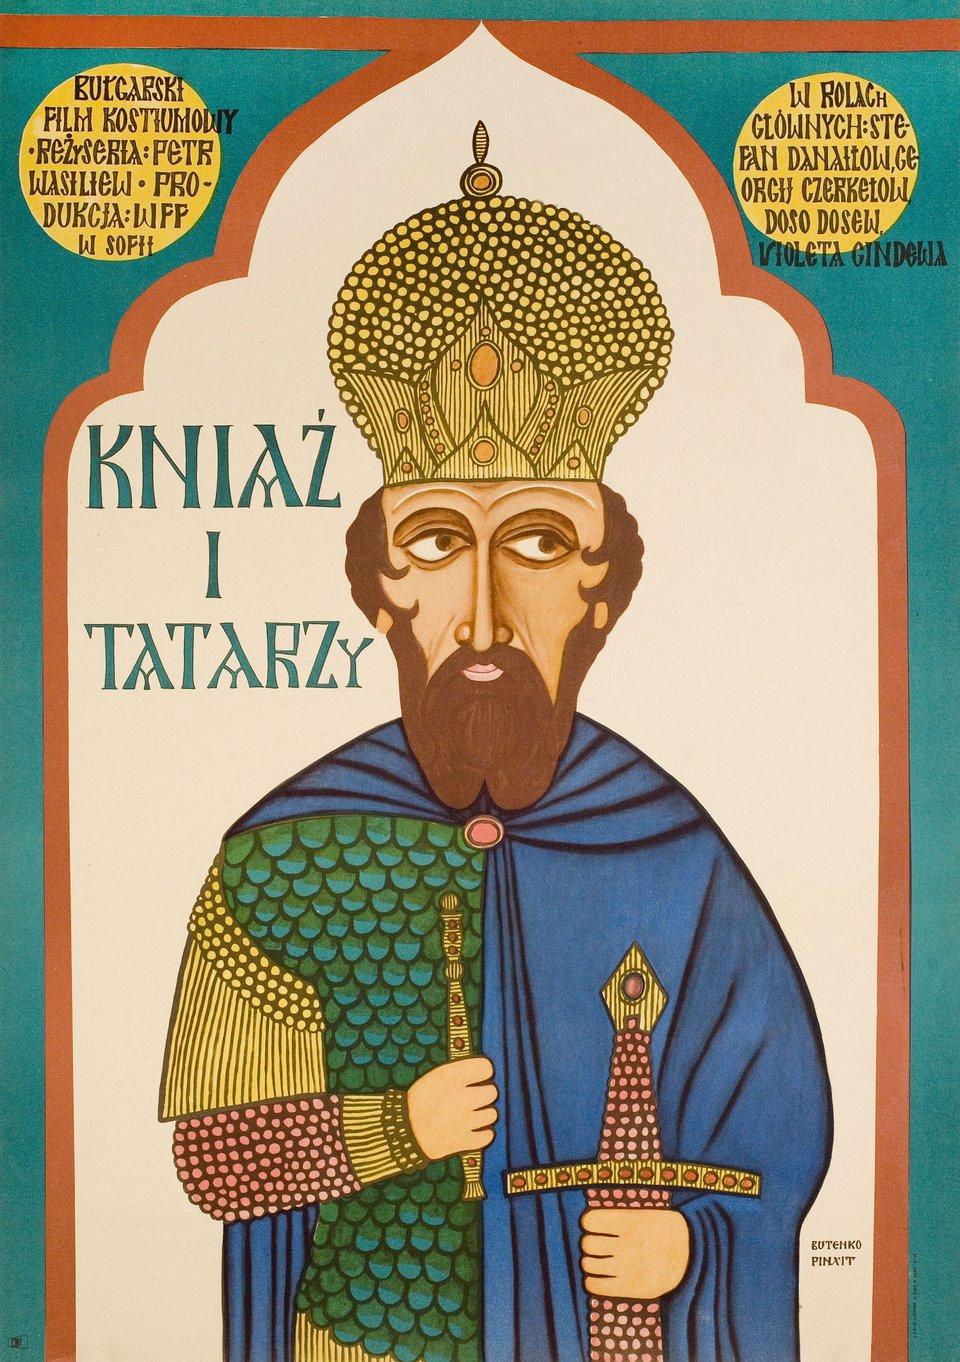 Prince 1971 Polish A1 Poster